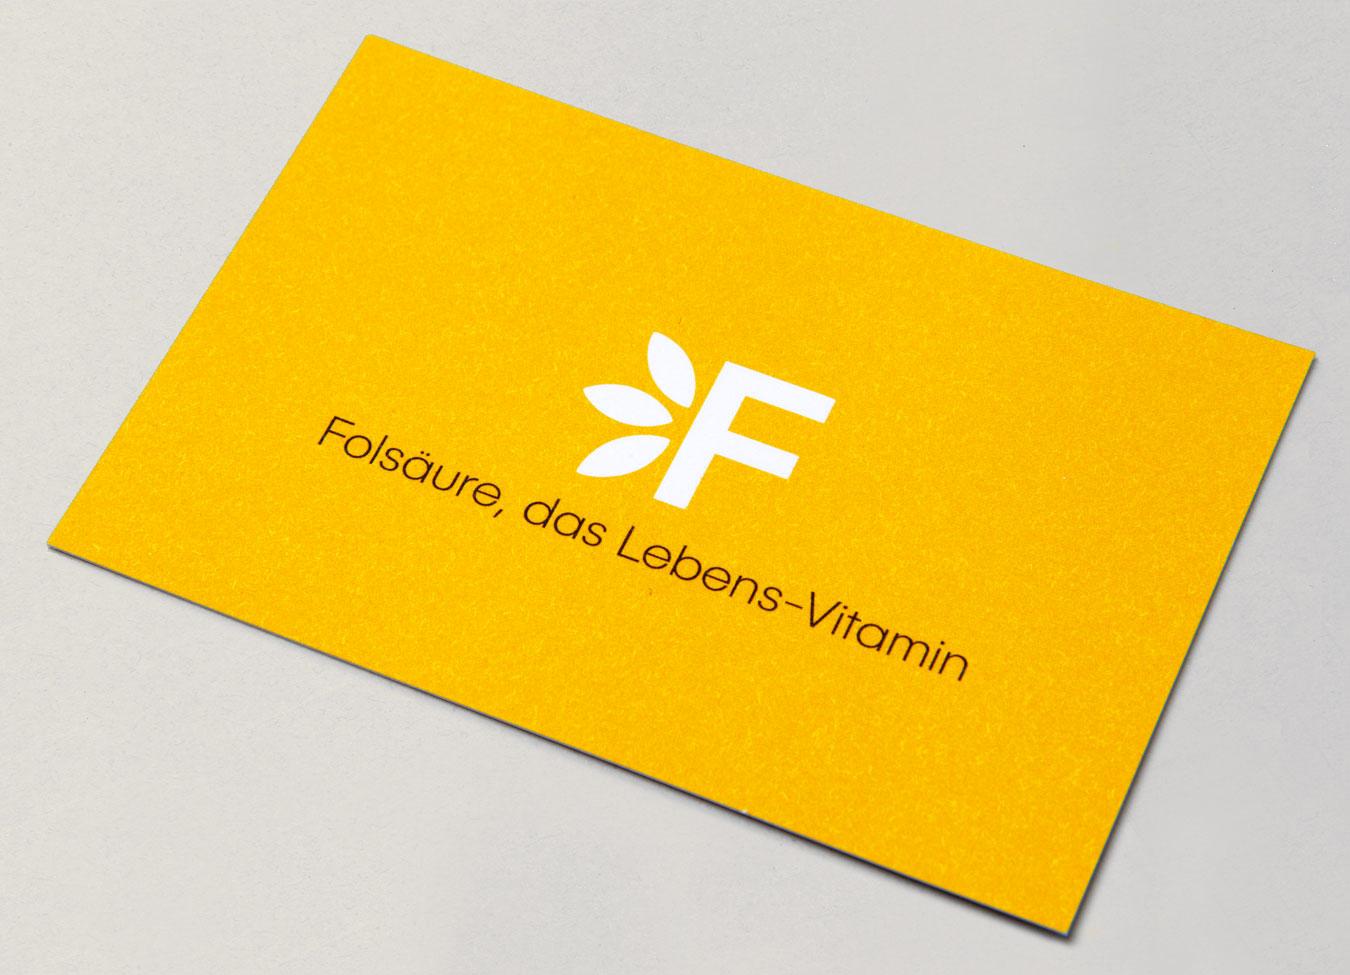 Stiftung Folsäure Visitenkarte Corporate Design